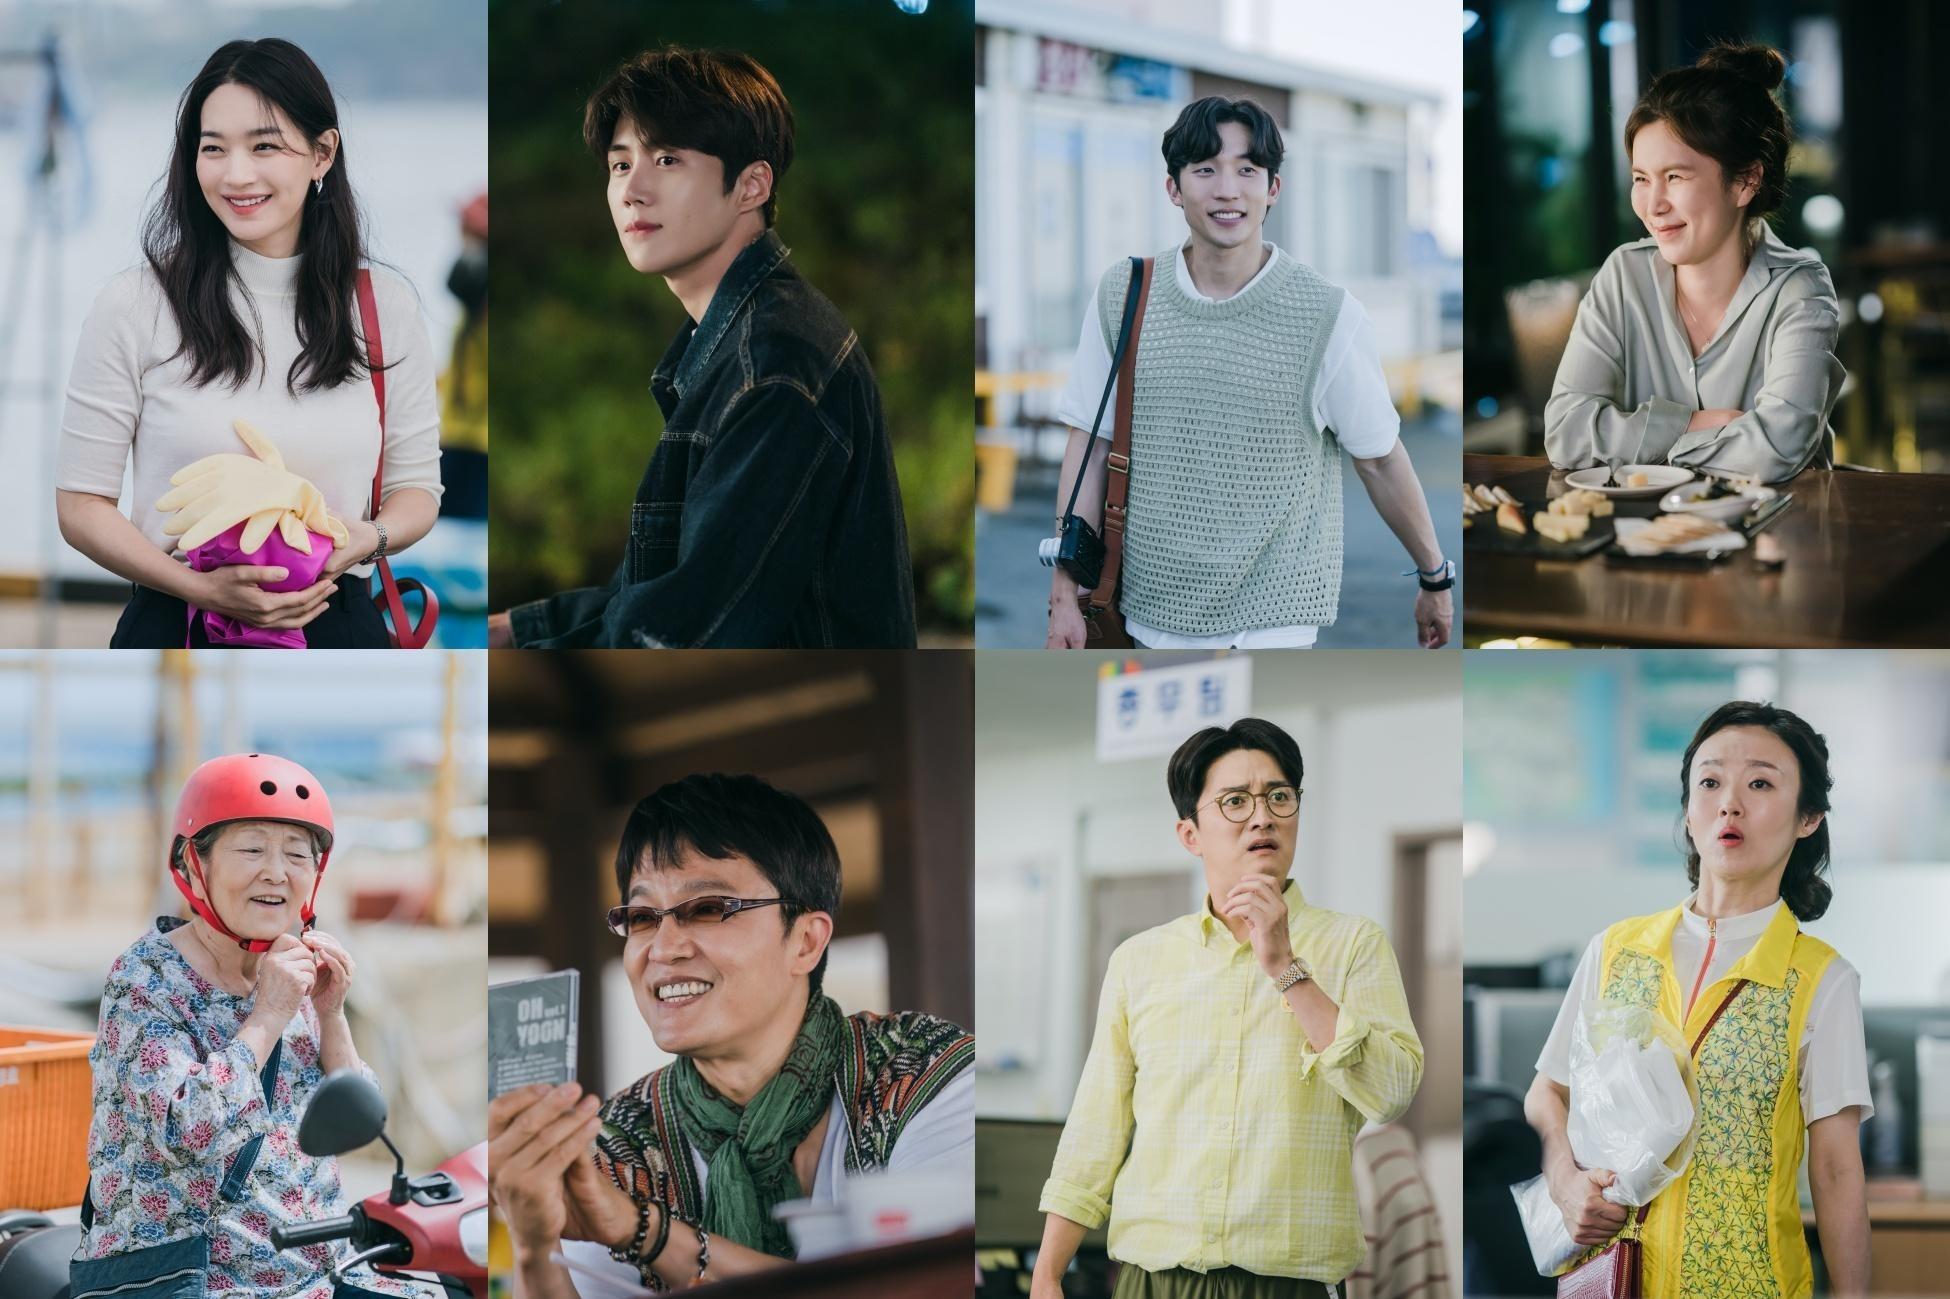 Yoo Hye-jin (Shin Min-a) merupakan seorang dentist yang hidupnya terlihat sangat rapit, kendati demikian dia memiliki kelemahan lain. Sementara Hong Du-sik (Kim Seon-ho) adalah seorang pria berbakat dan memiliki banyak kemampuan di berbagai bidang, tapi di adalah seorang pengangguran.